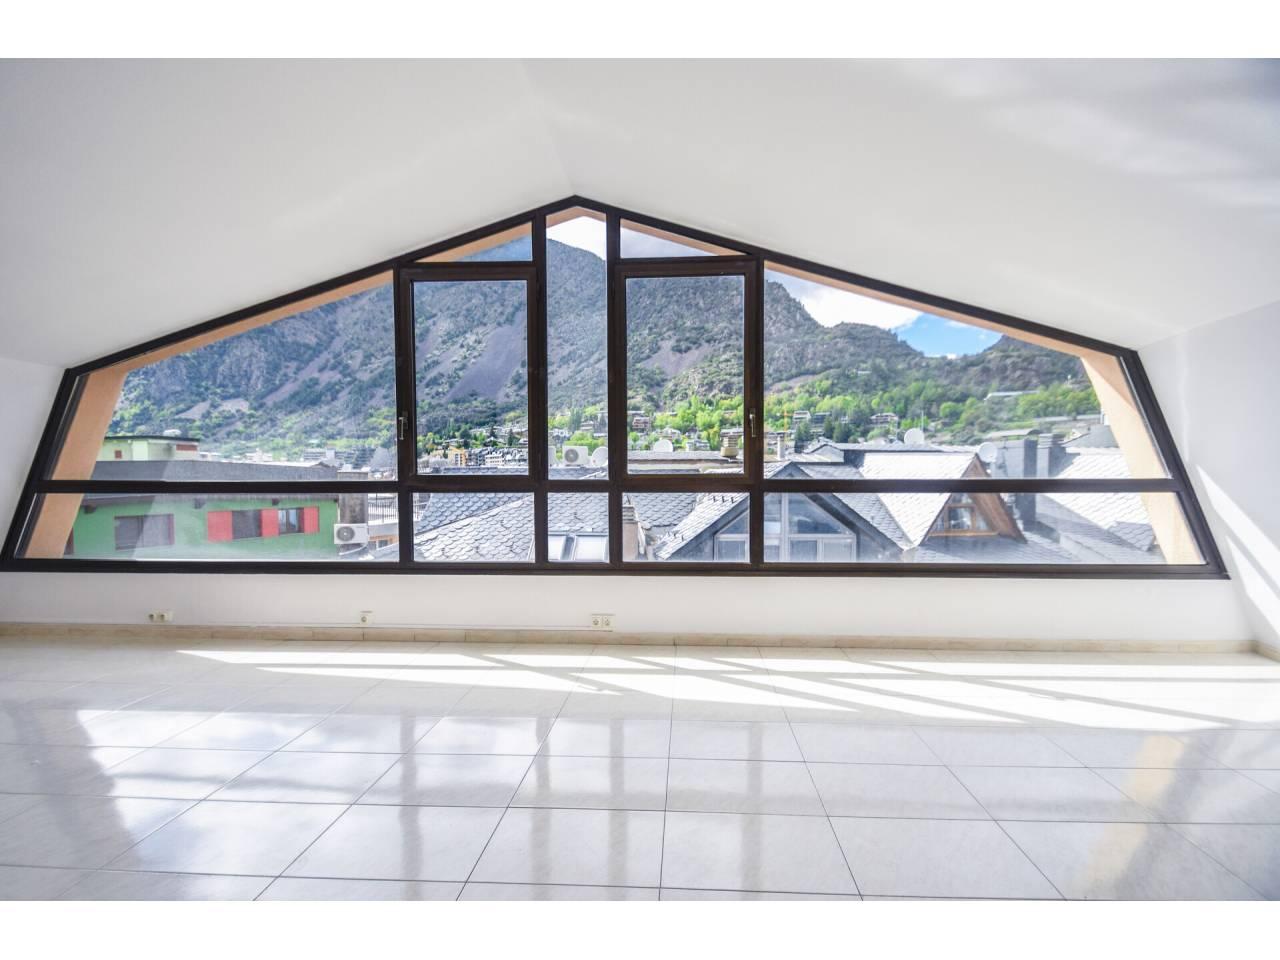 Pis en lloguer en Andorra la Vella